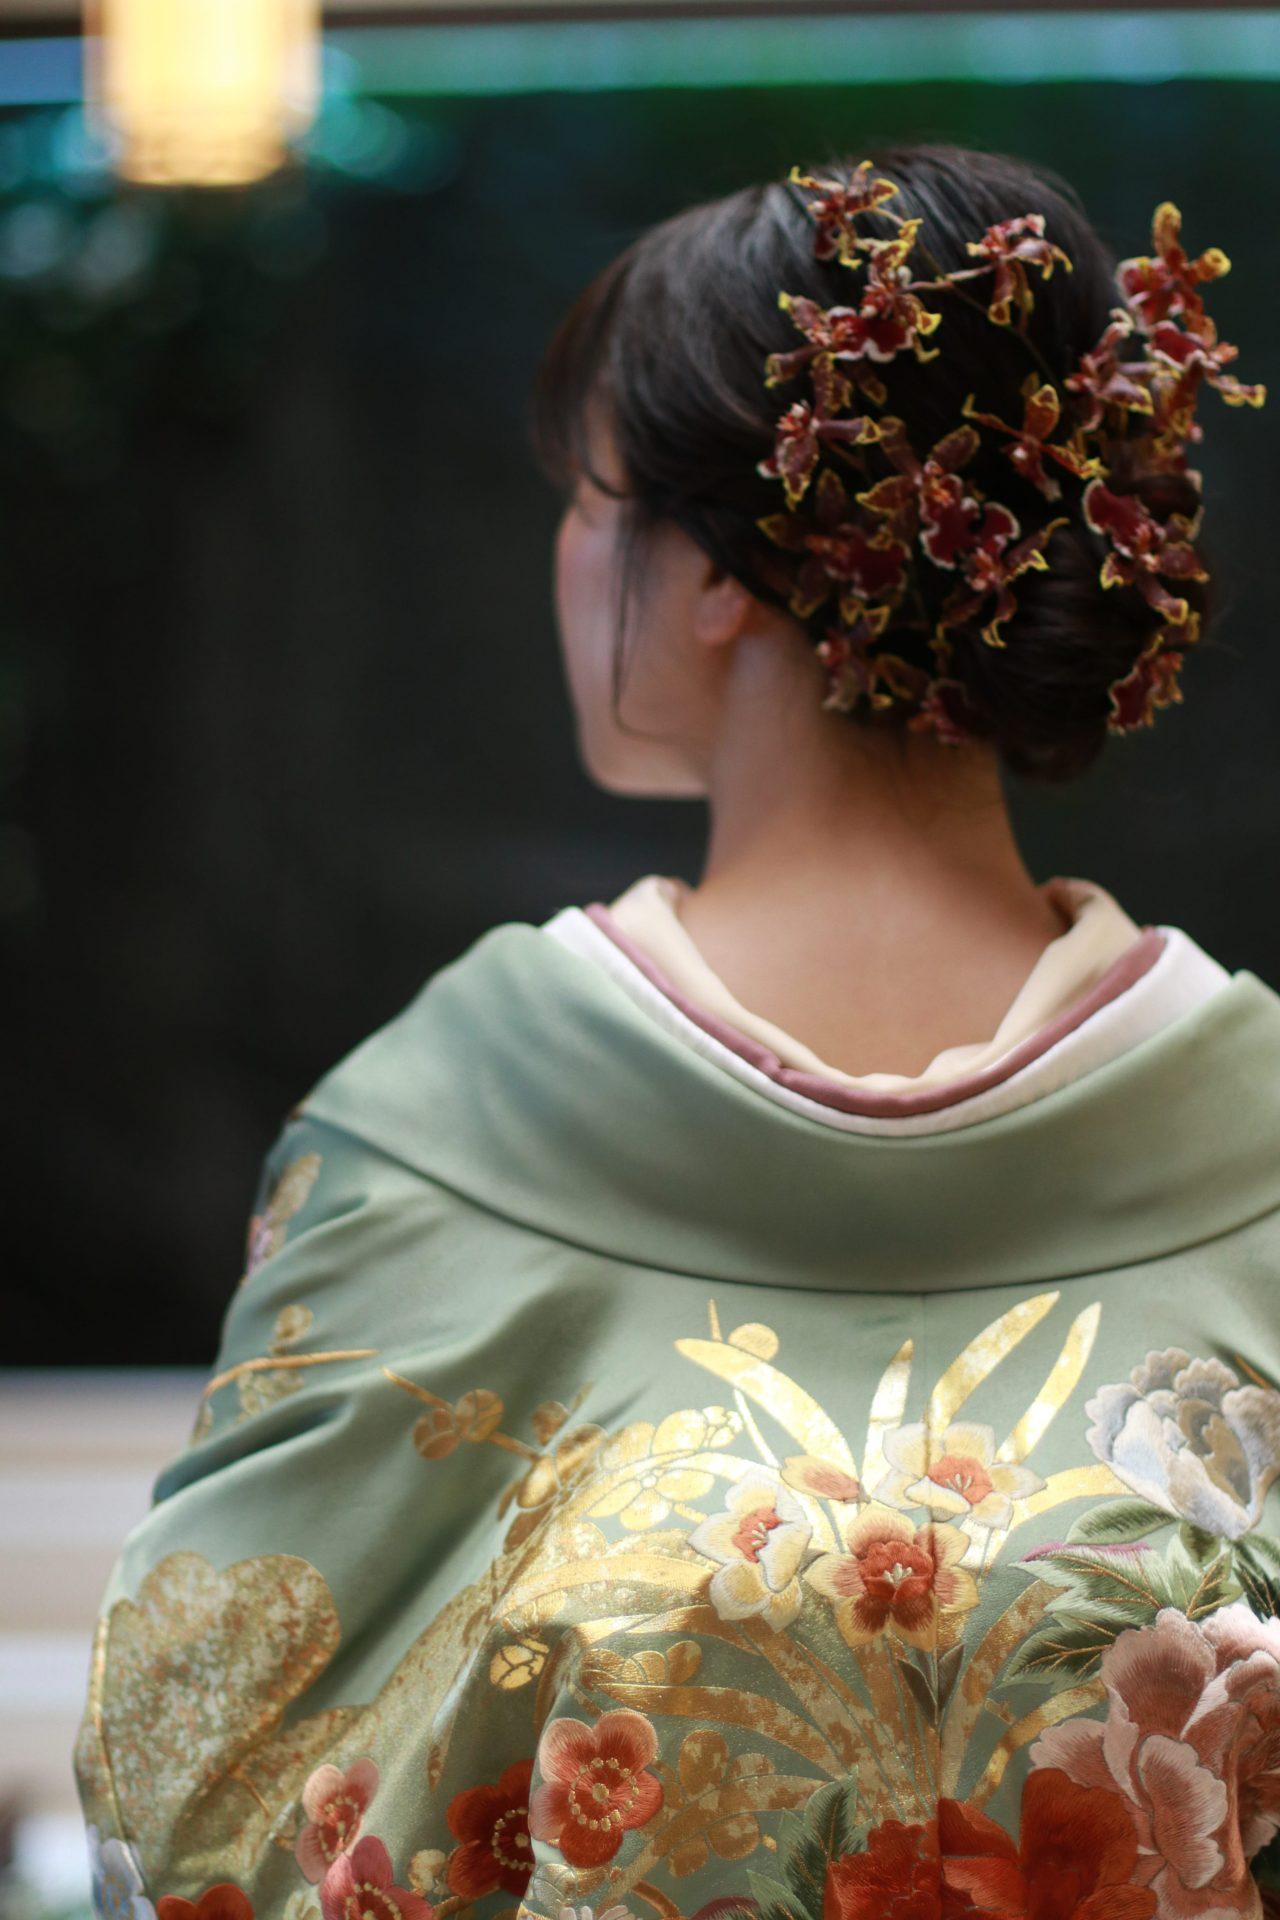 ザトリートドレッシングがおすすめする洋髪と生花のモダンな雰囲気のスタイリング